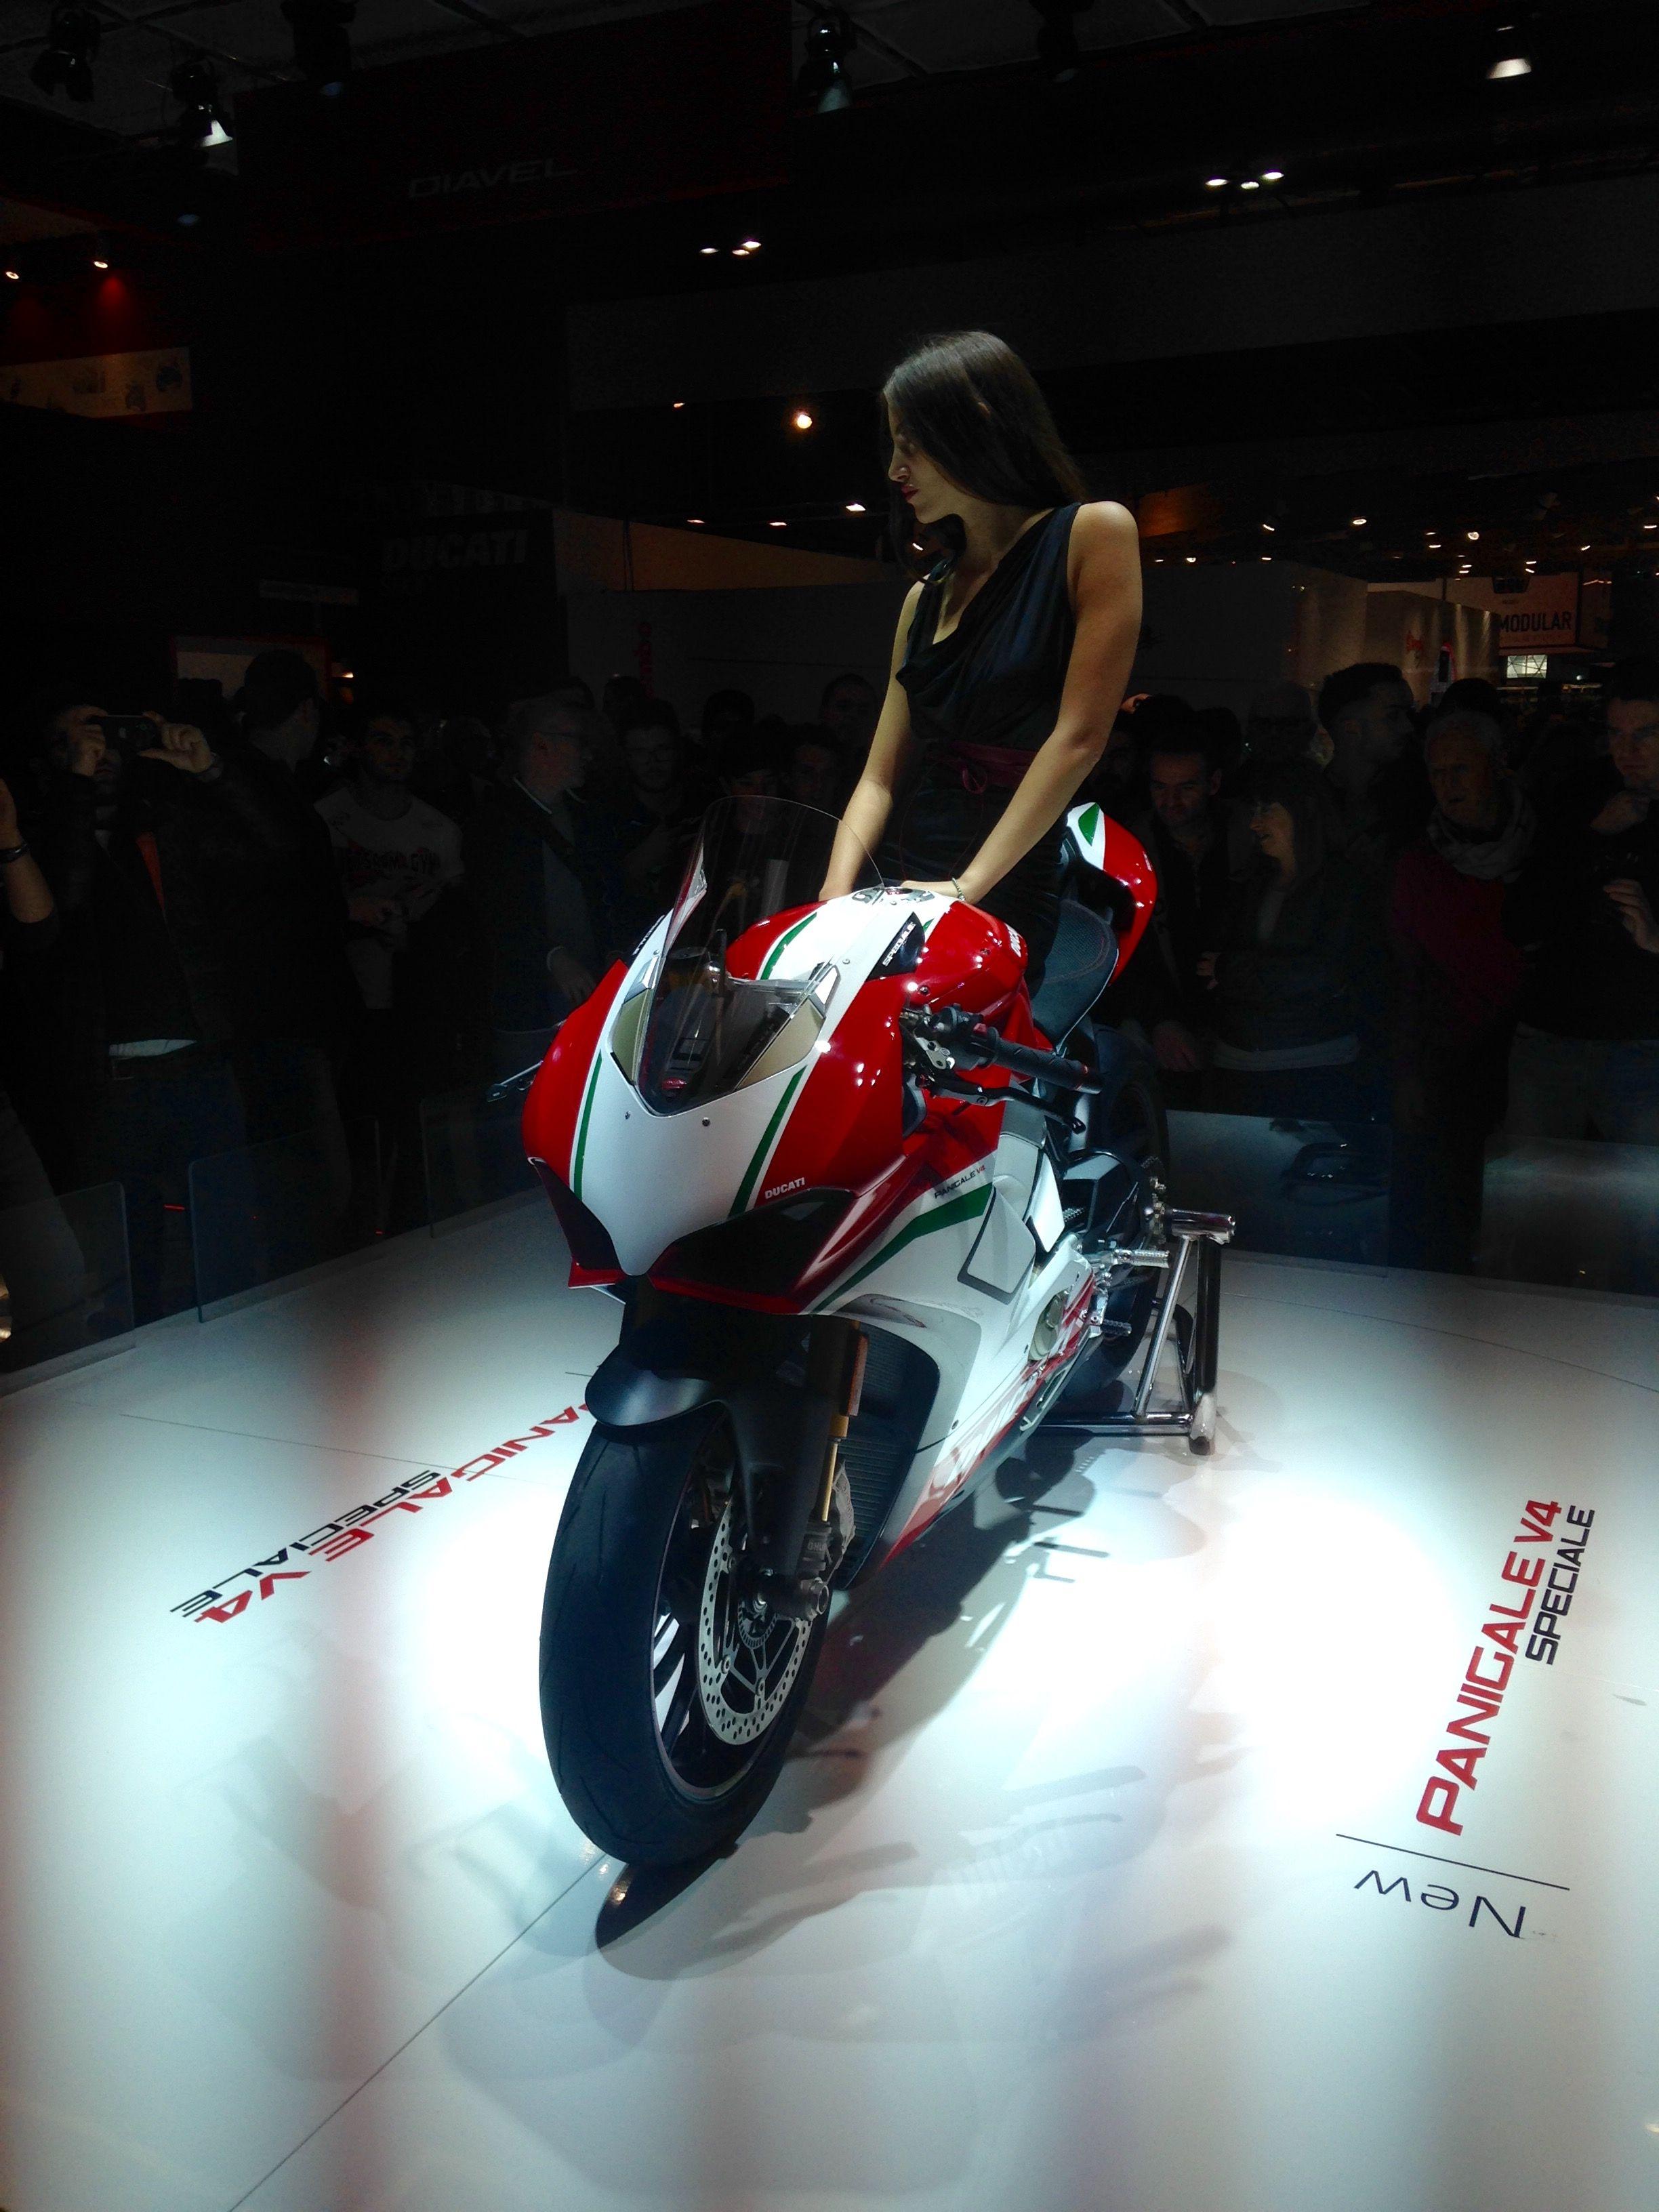 Panigale V4 Speciale Eicma 2017 Ducati Pinterest Ducati